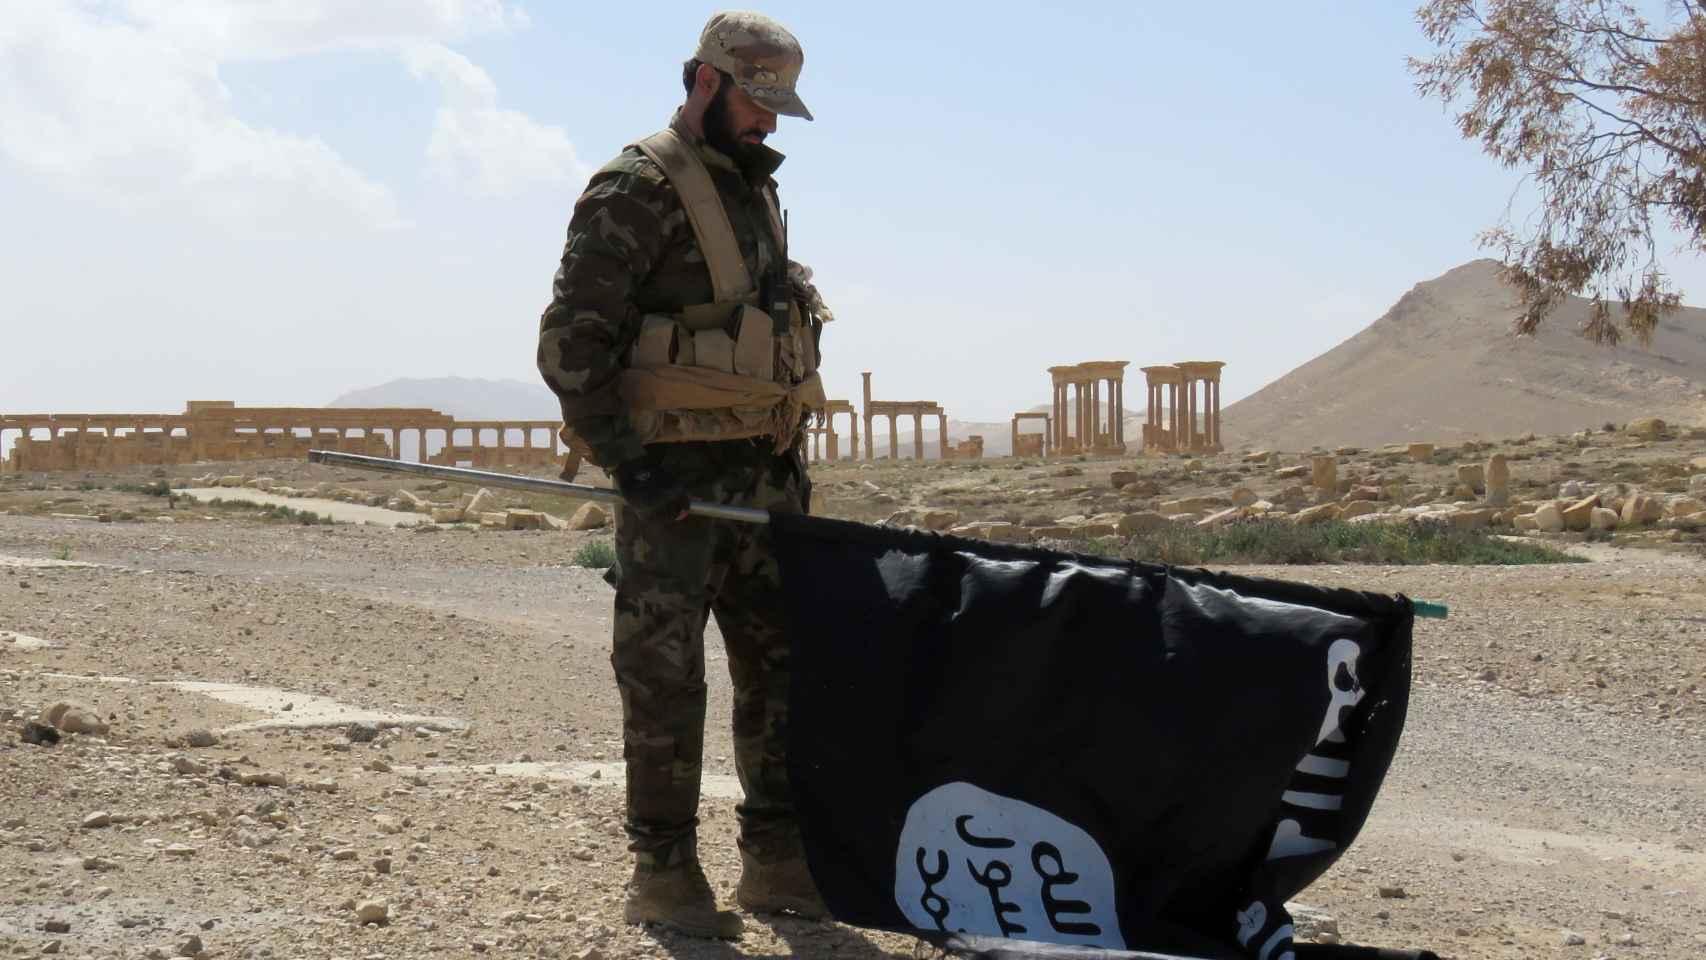 Un soldado retira una bandera del Estado Islámico en Siria, en una imagen de archivo.